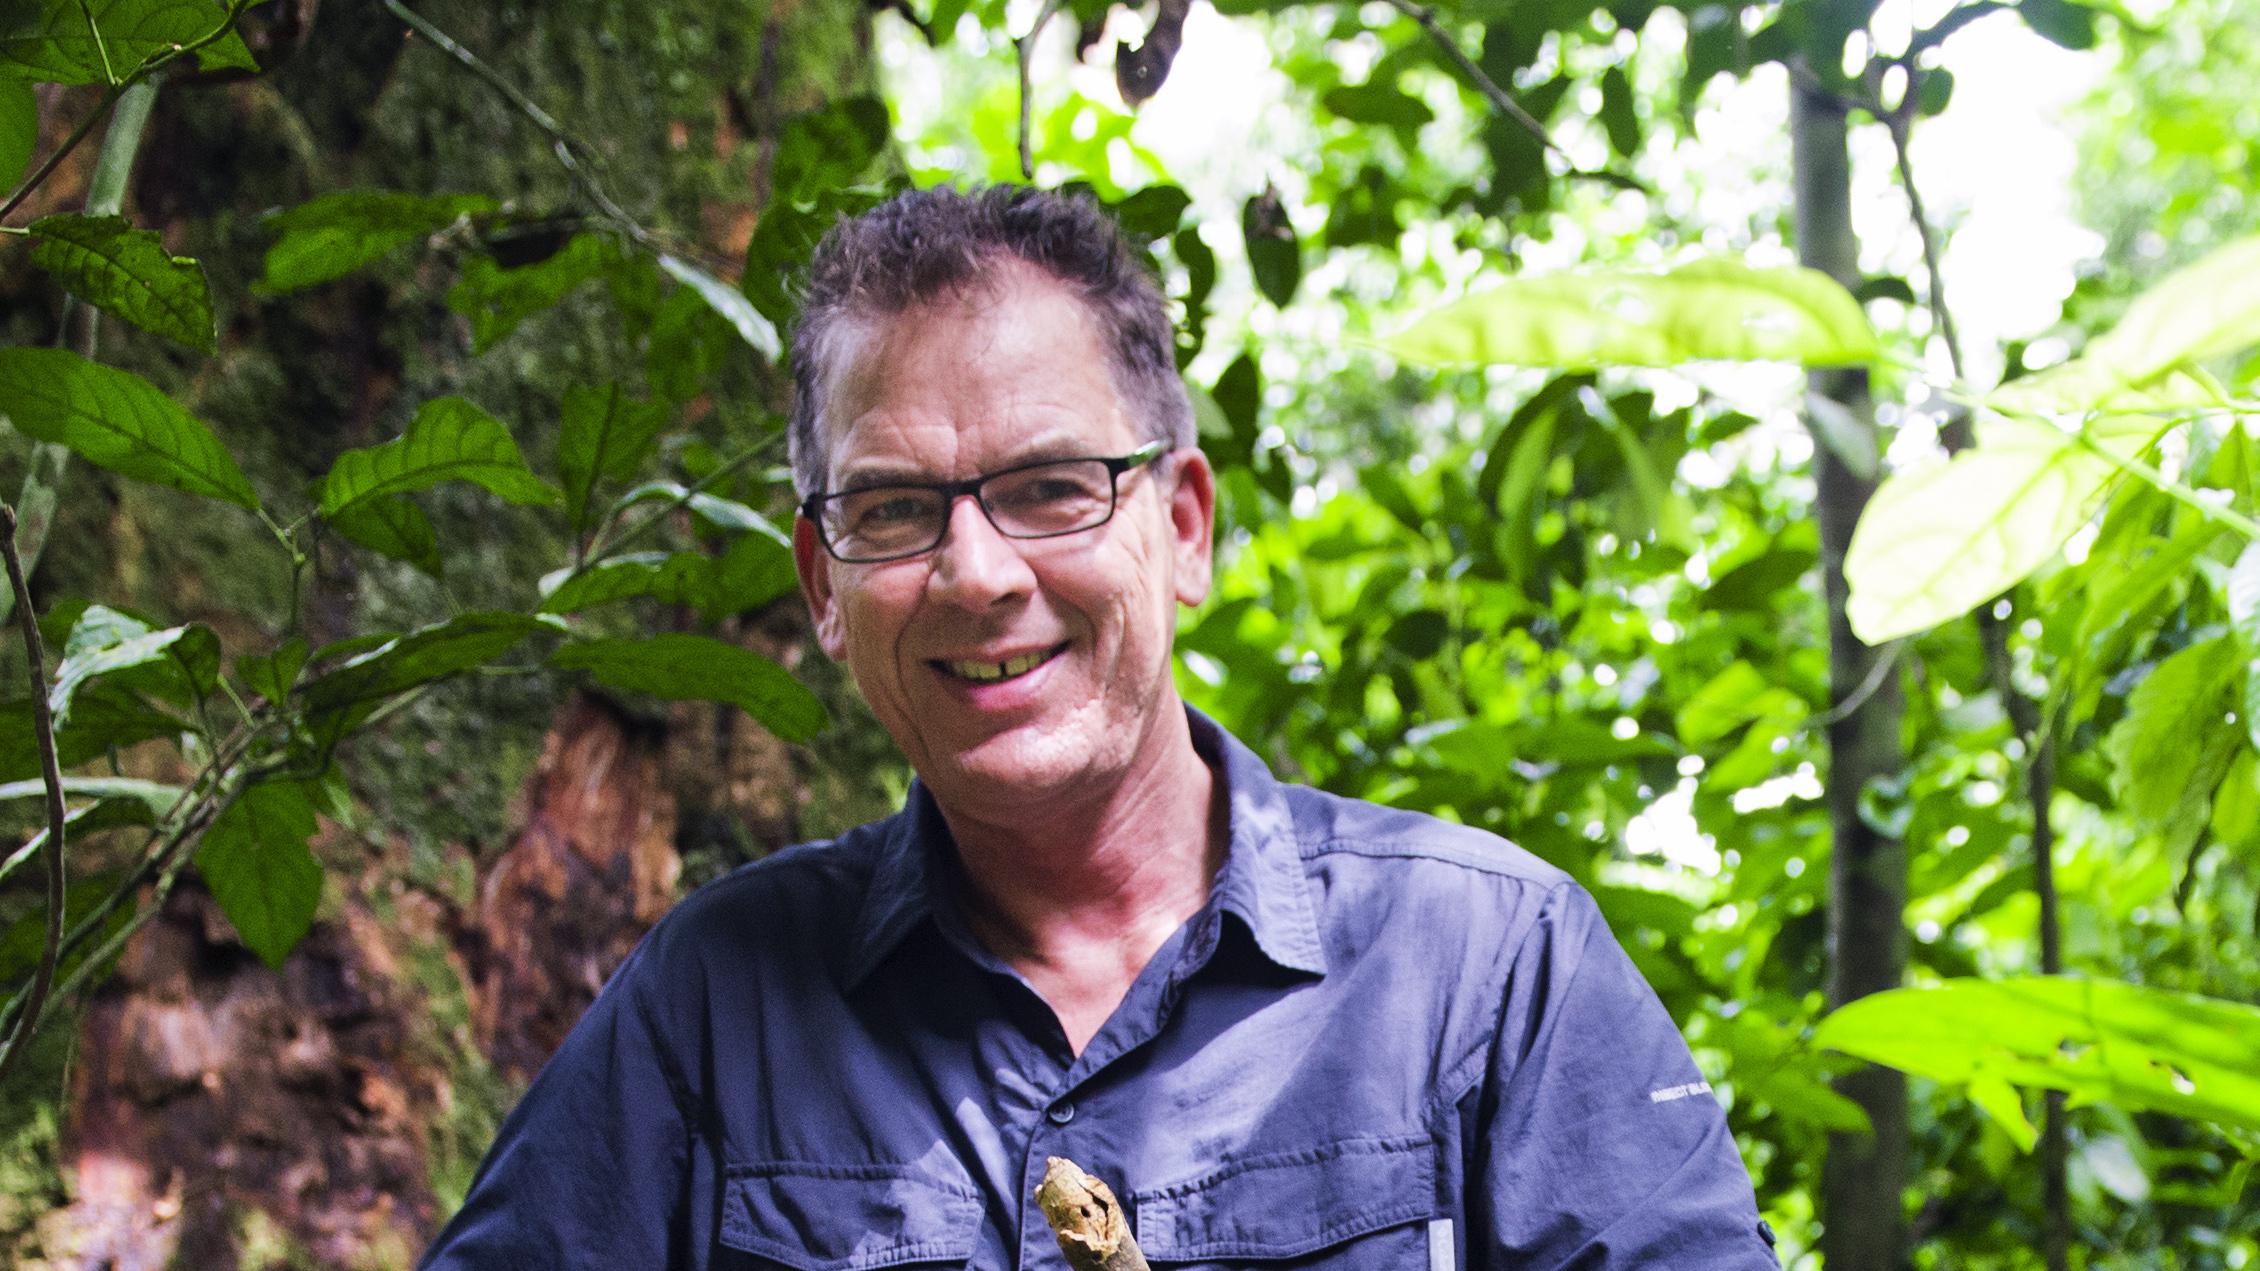 Bundesentwicklungsminister Gerd Müller im Regenwald im Dzanga-Sangha-Schutzgebiet, Zentralafrikanische Republik März 2015